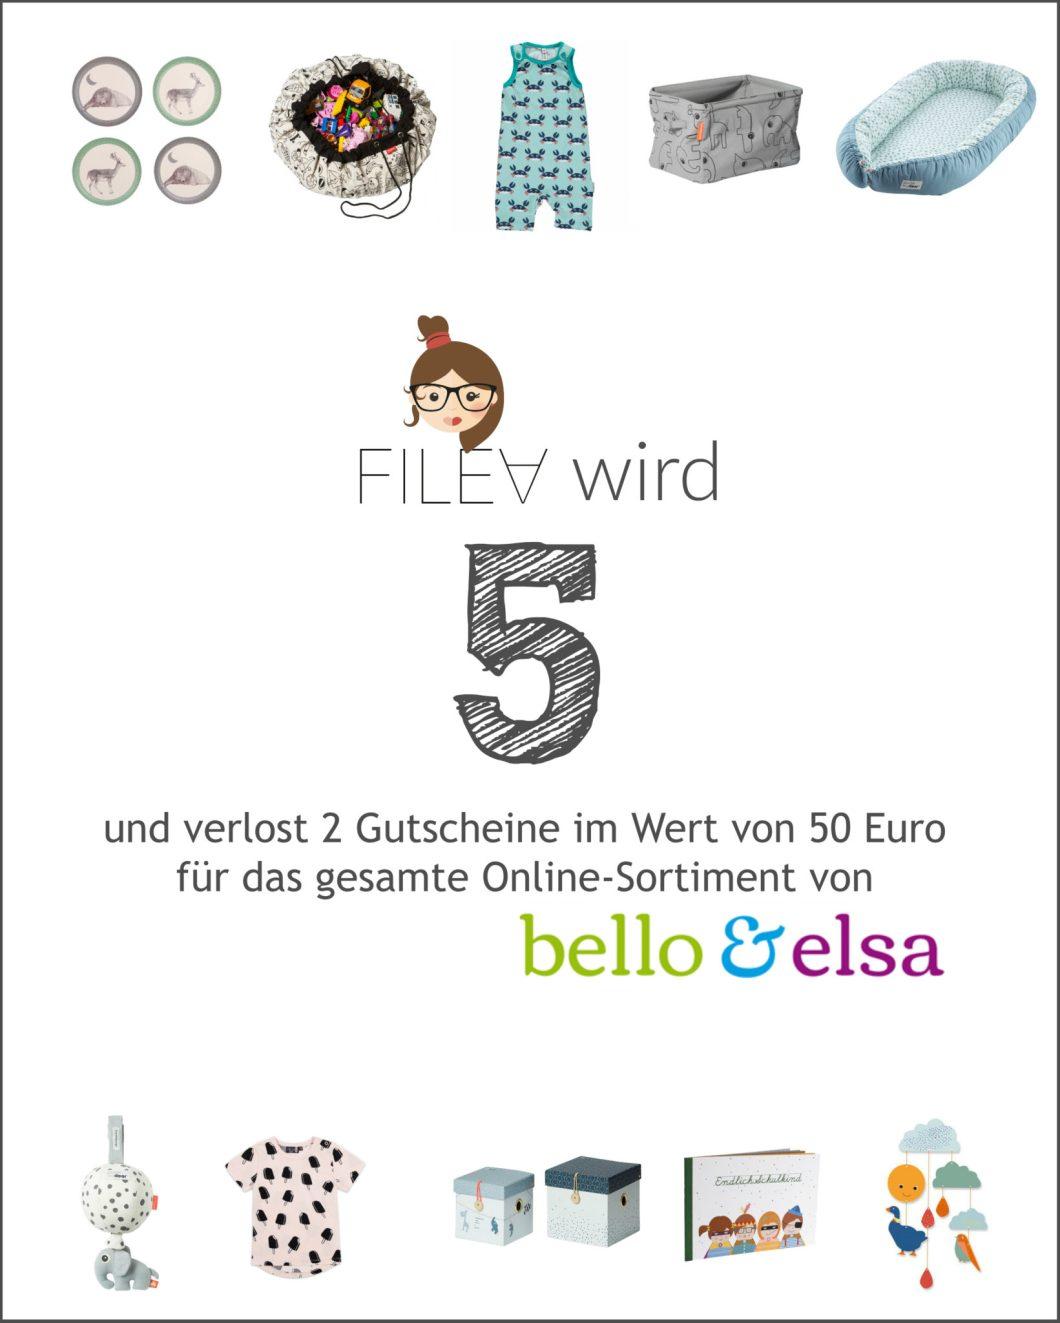 Verlosung zum 5. Bloggeburtstag mit bello&elsa